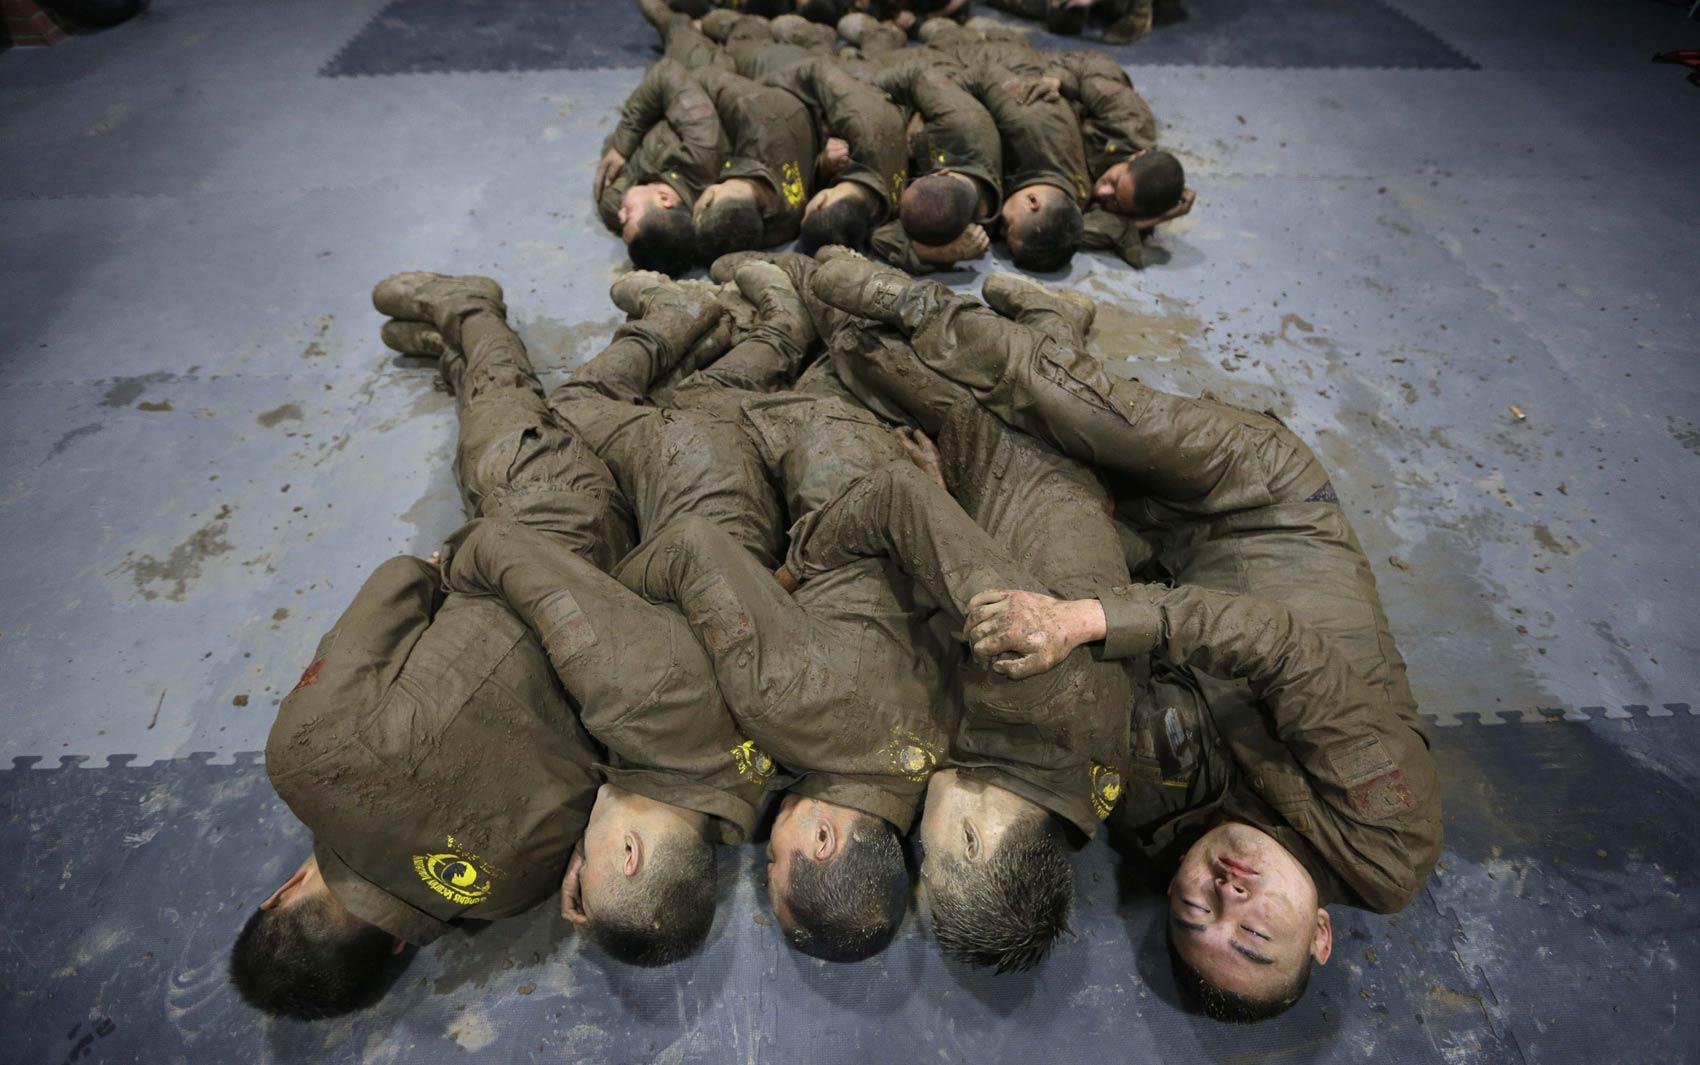 Sujos de lama, estudantes chineses dormem de 'conchinha' para evitar o frio durante treinamento de alta intensidade no acampamento Tianjiao de Guarda Especial e Consultoria de Segurança, perto de Pequim, China. O curso prepara guarda-costas profissionais.